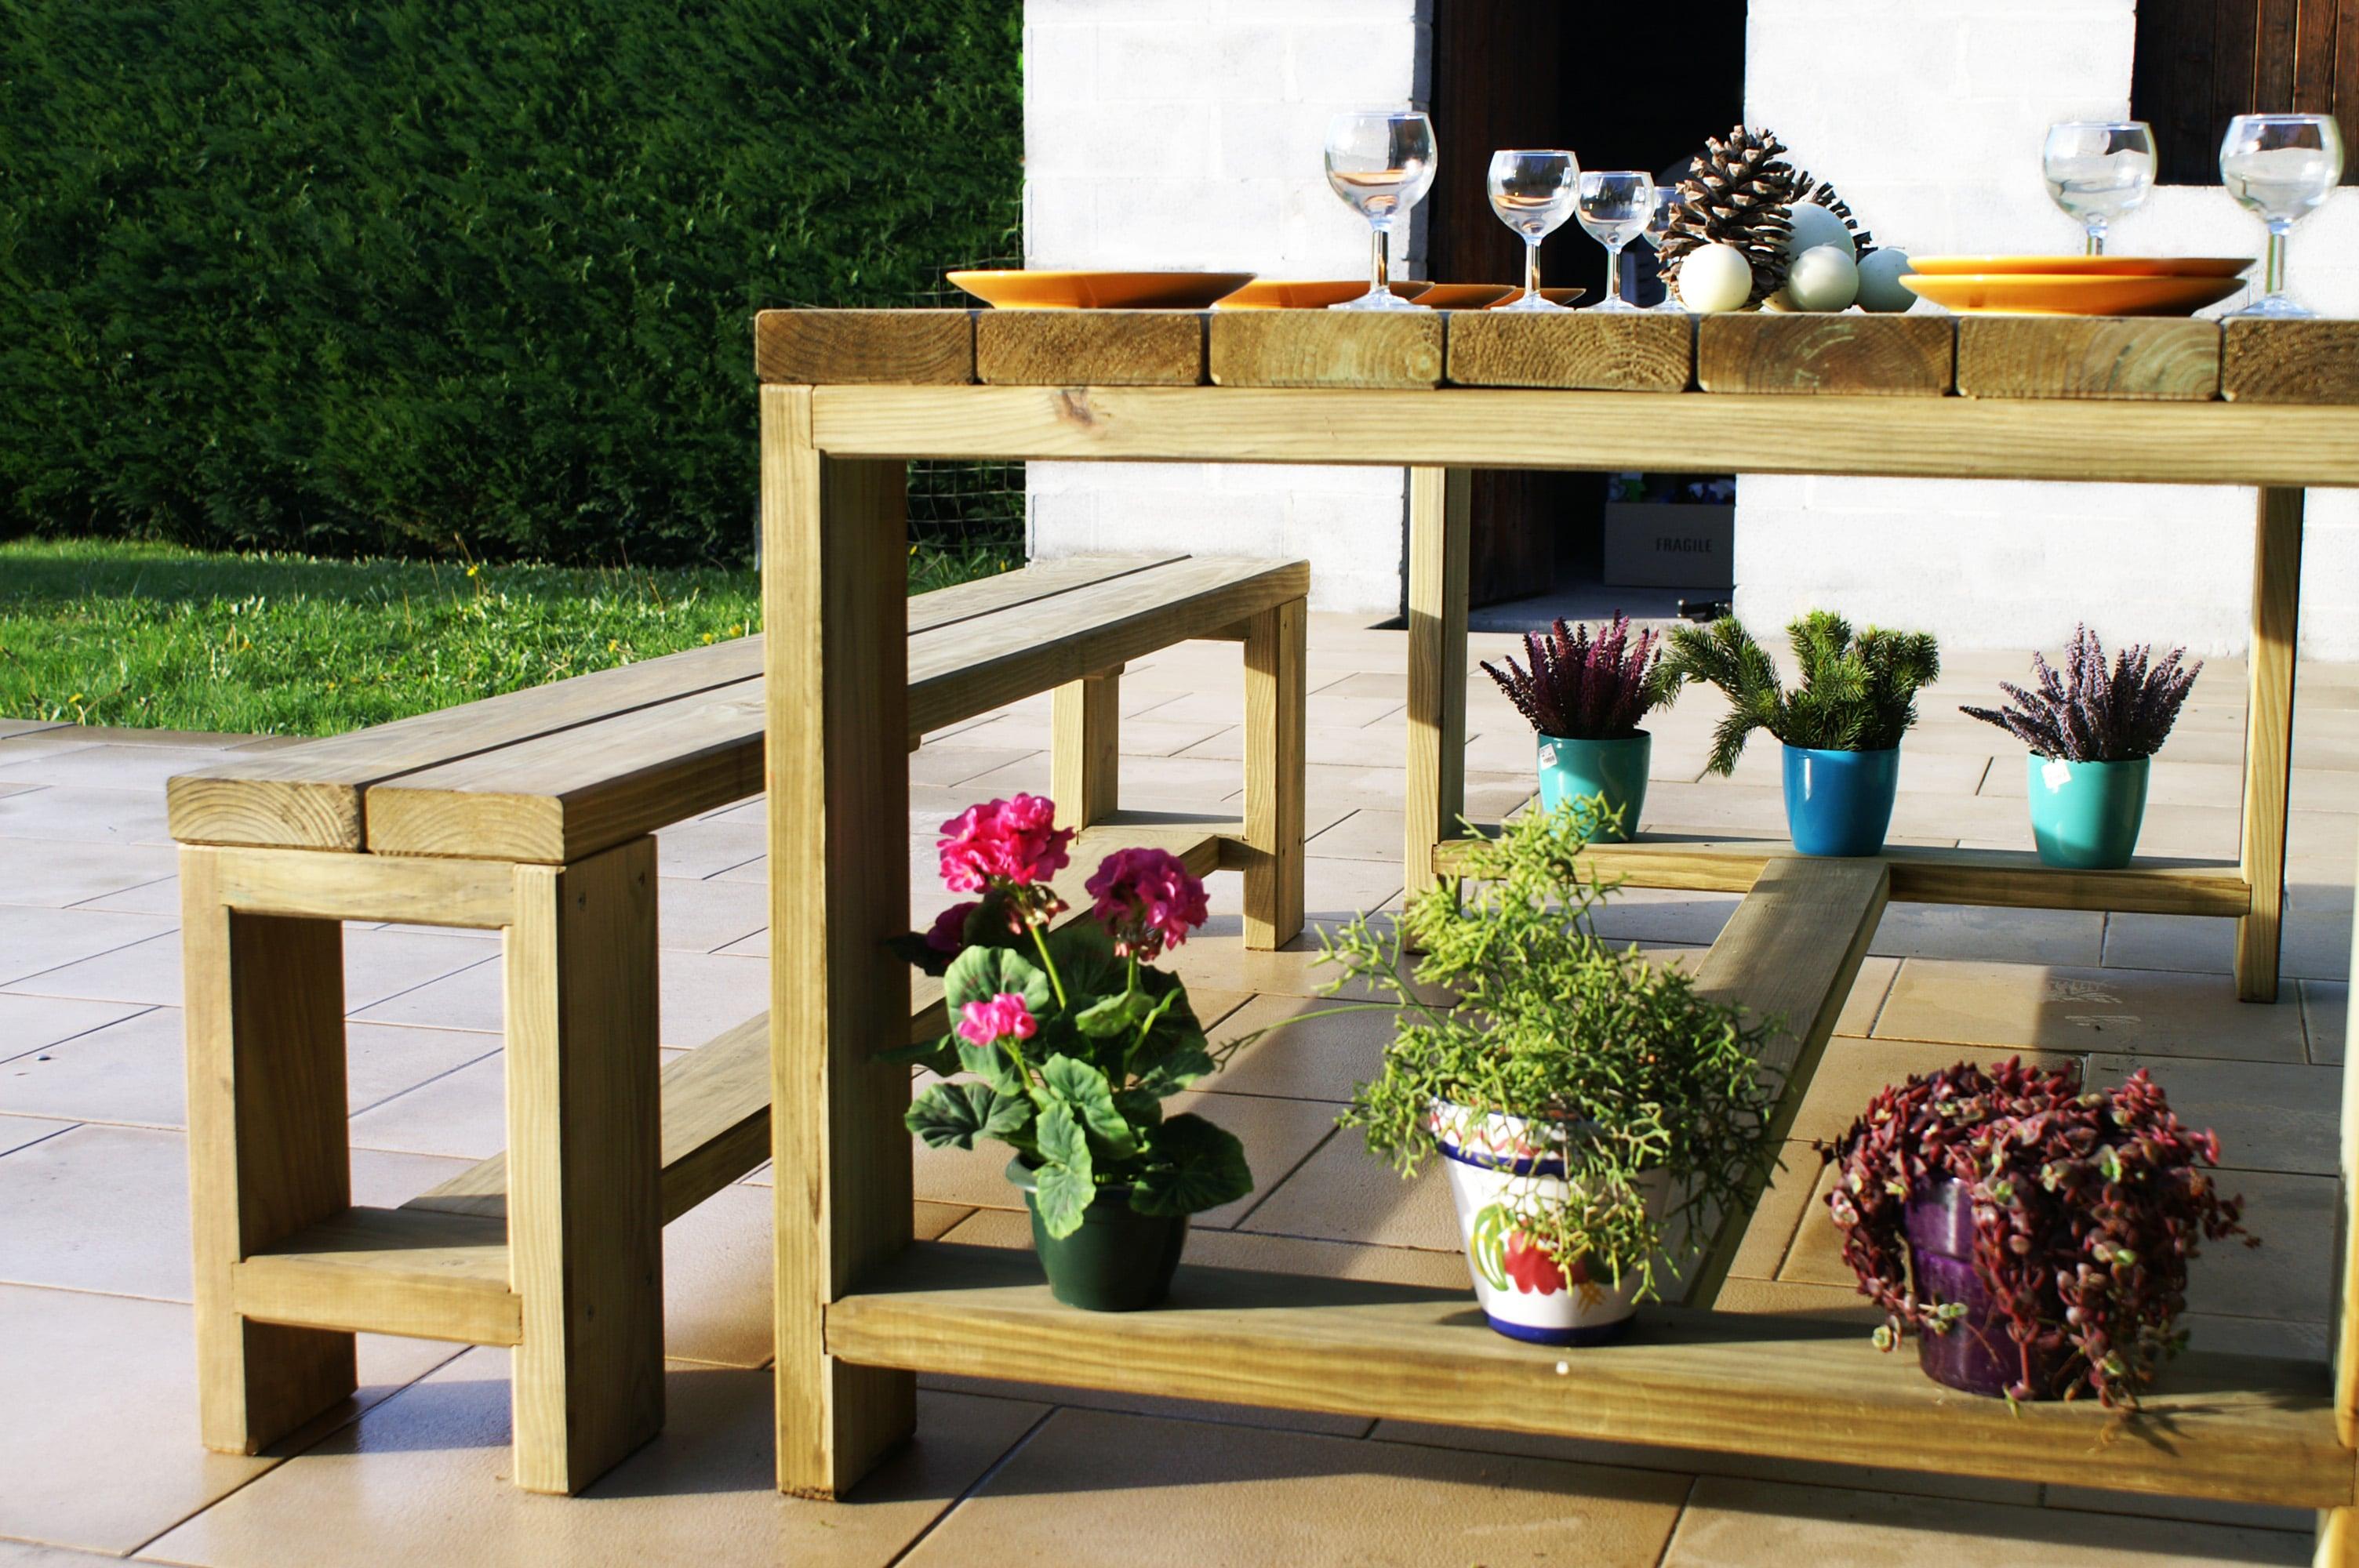 Le mobilier de plein air, tables, bancs, salons de jardins | Labat Merle